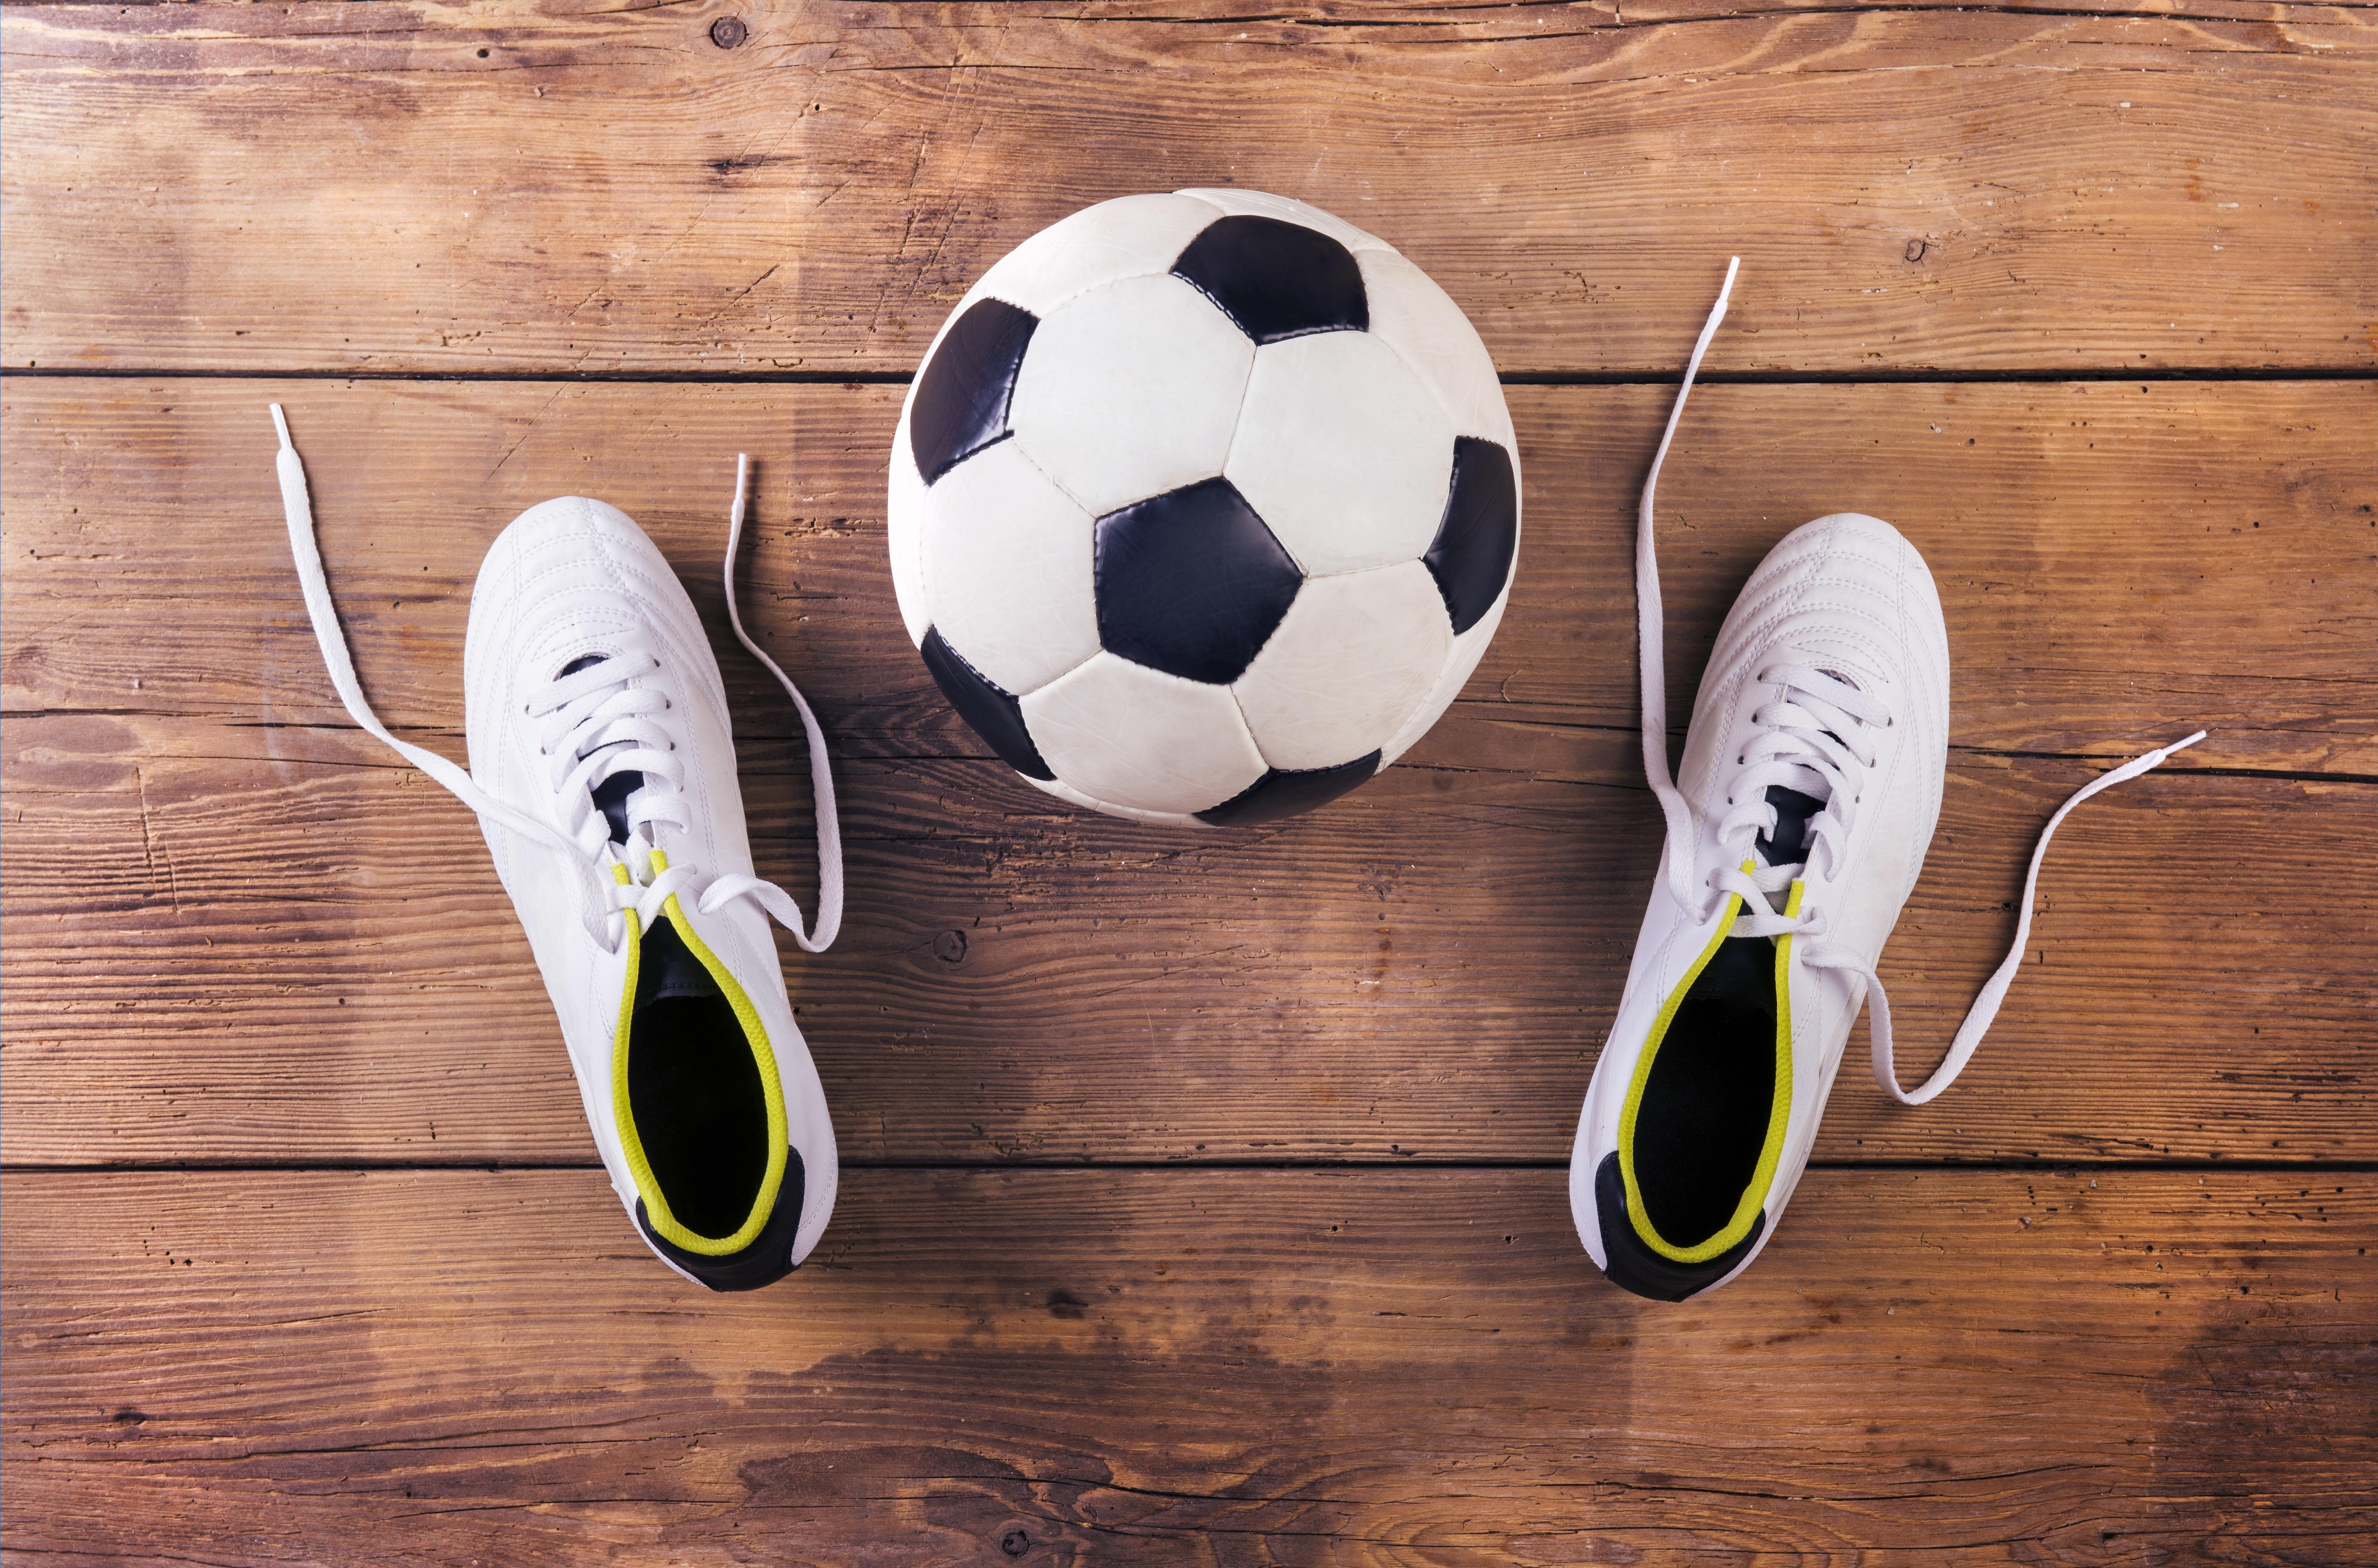 Jakie buty na halę do piłki nożnej?